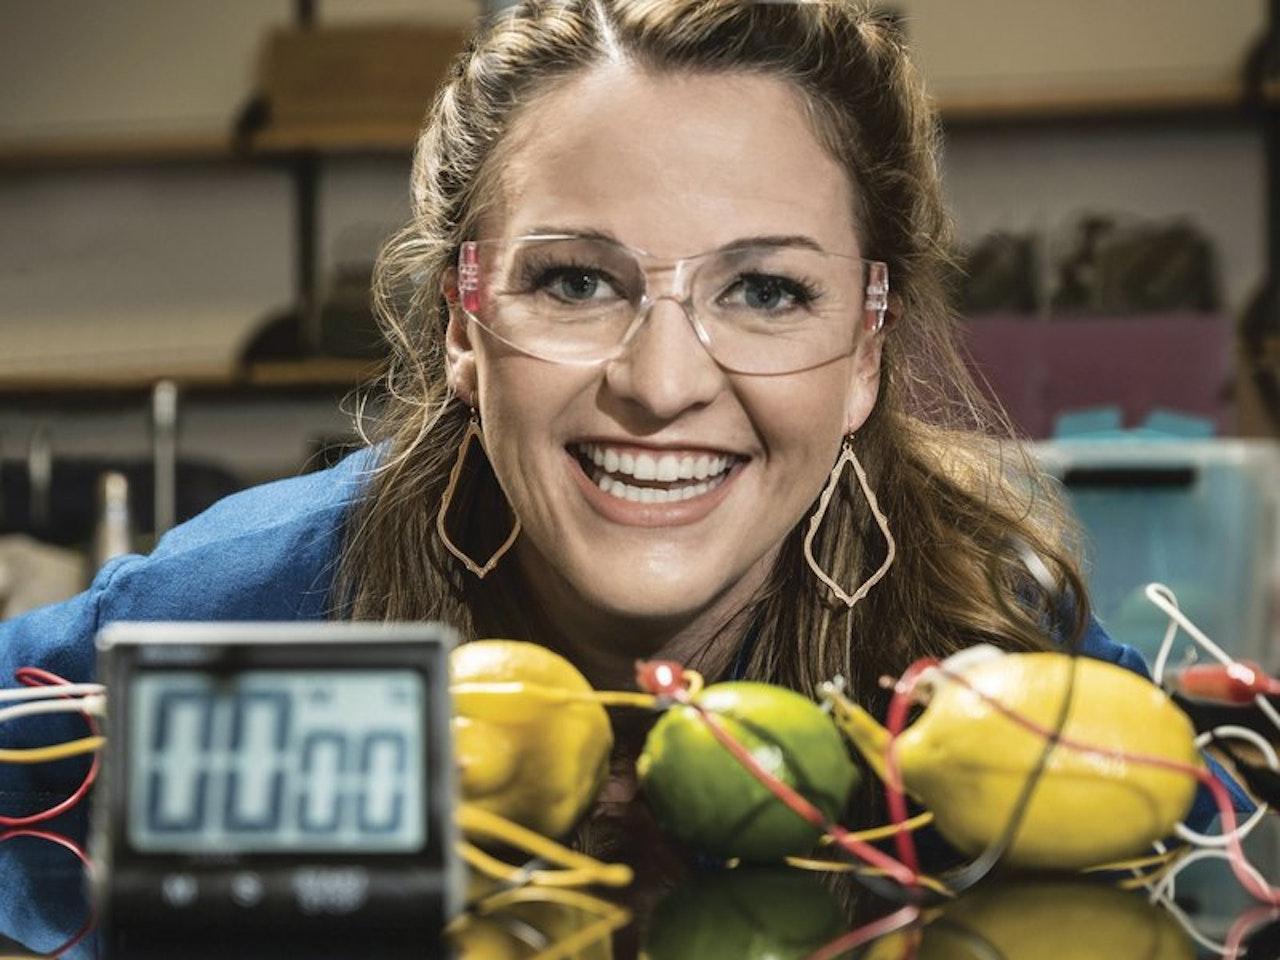 """Dr. Kate the Chemist - Our new """"STEAM Powered"""" YGC Science Series - Entrevue avec la Dr. Kate Biberdorf pour notre nouvelle série """"La Science C'est Génial""""."""